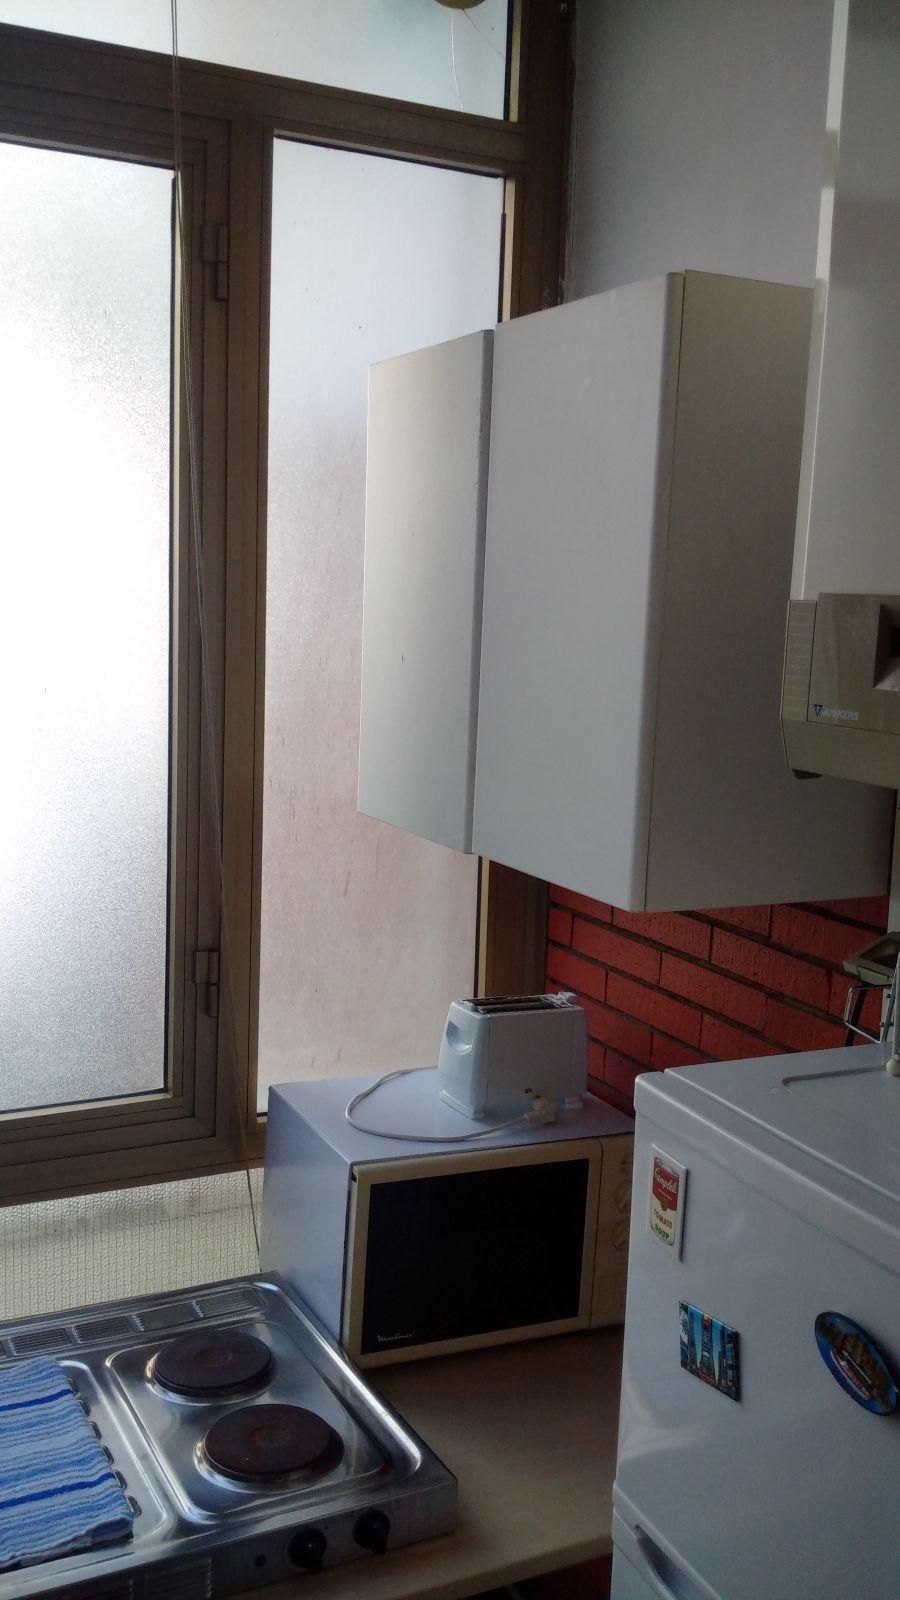 Affitto Appartamenti Napoli Centro